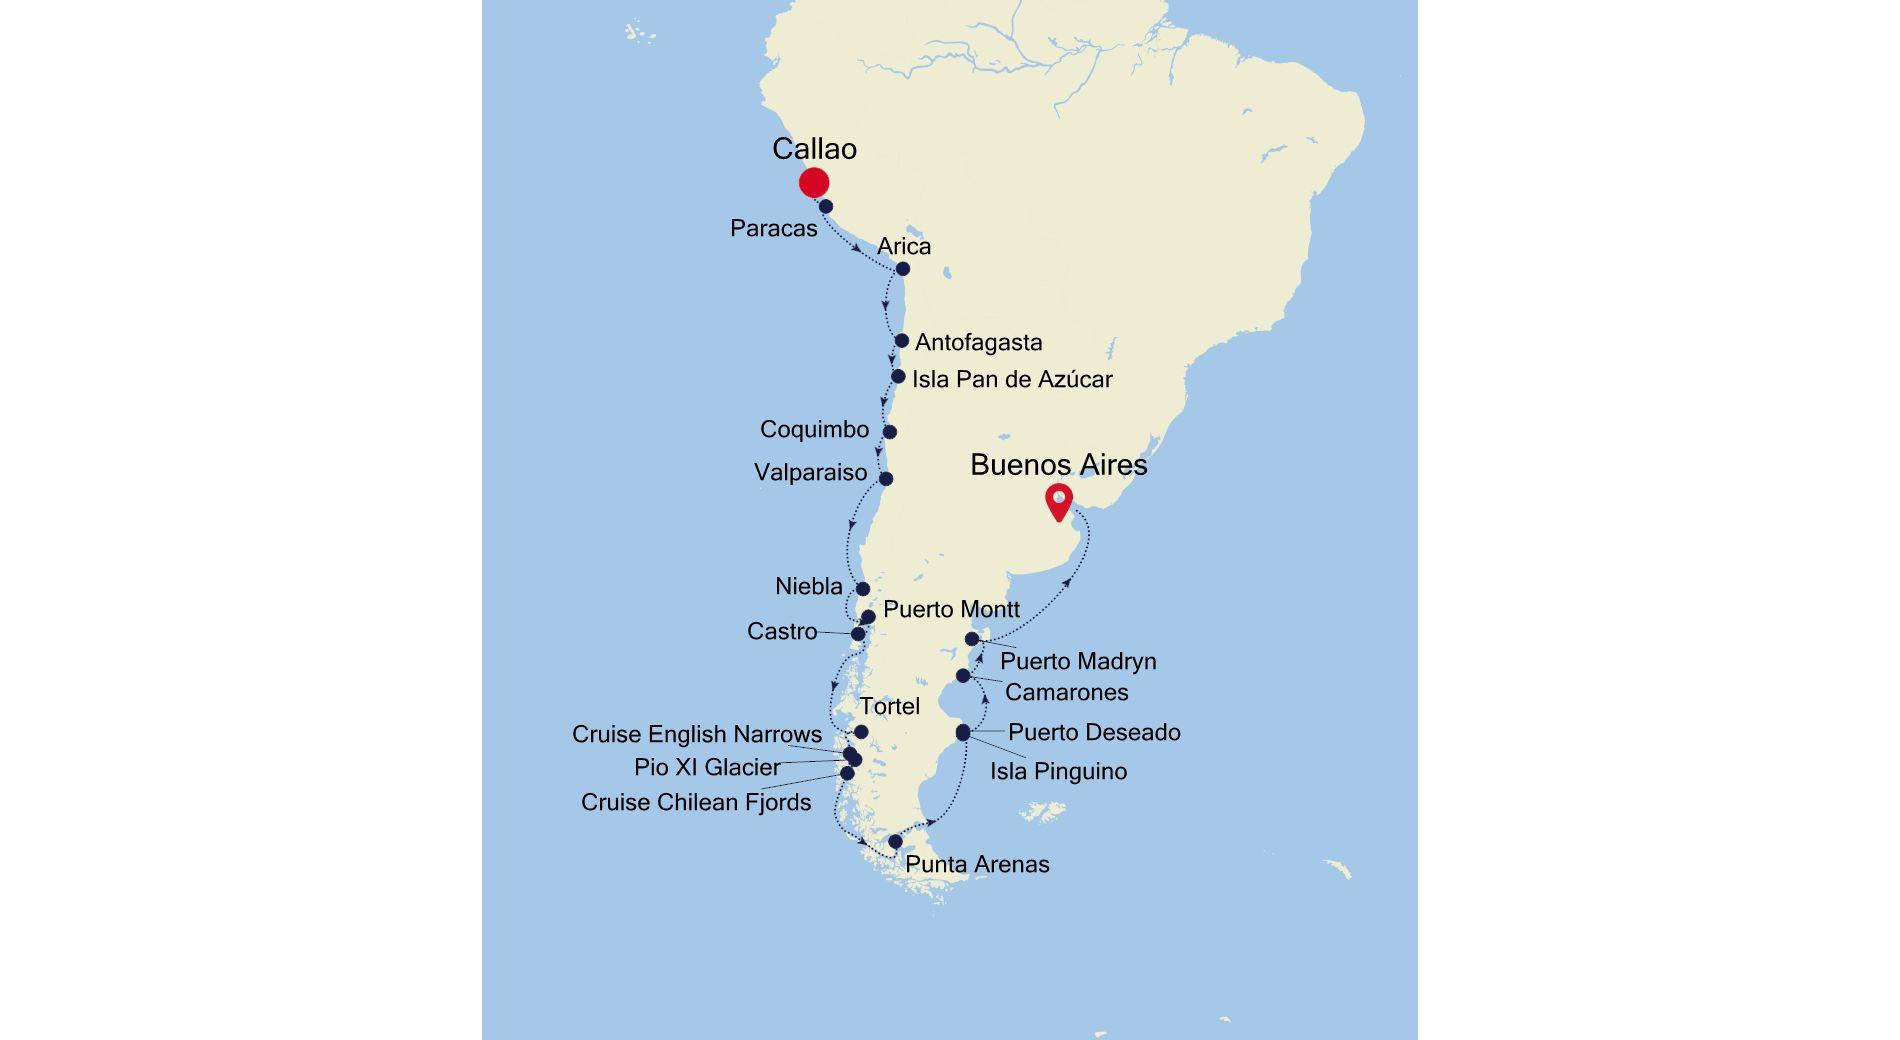 1924 - Callao nach Buenos Aires